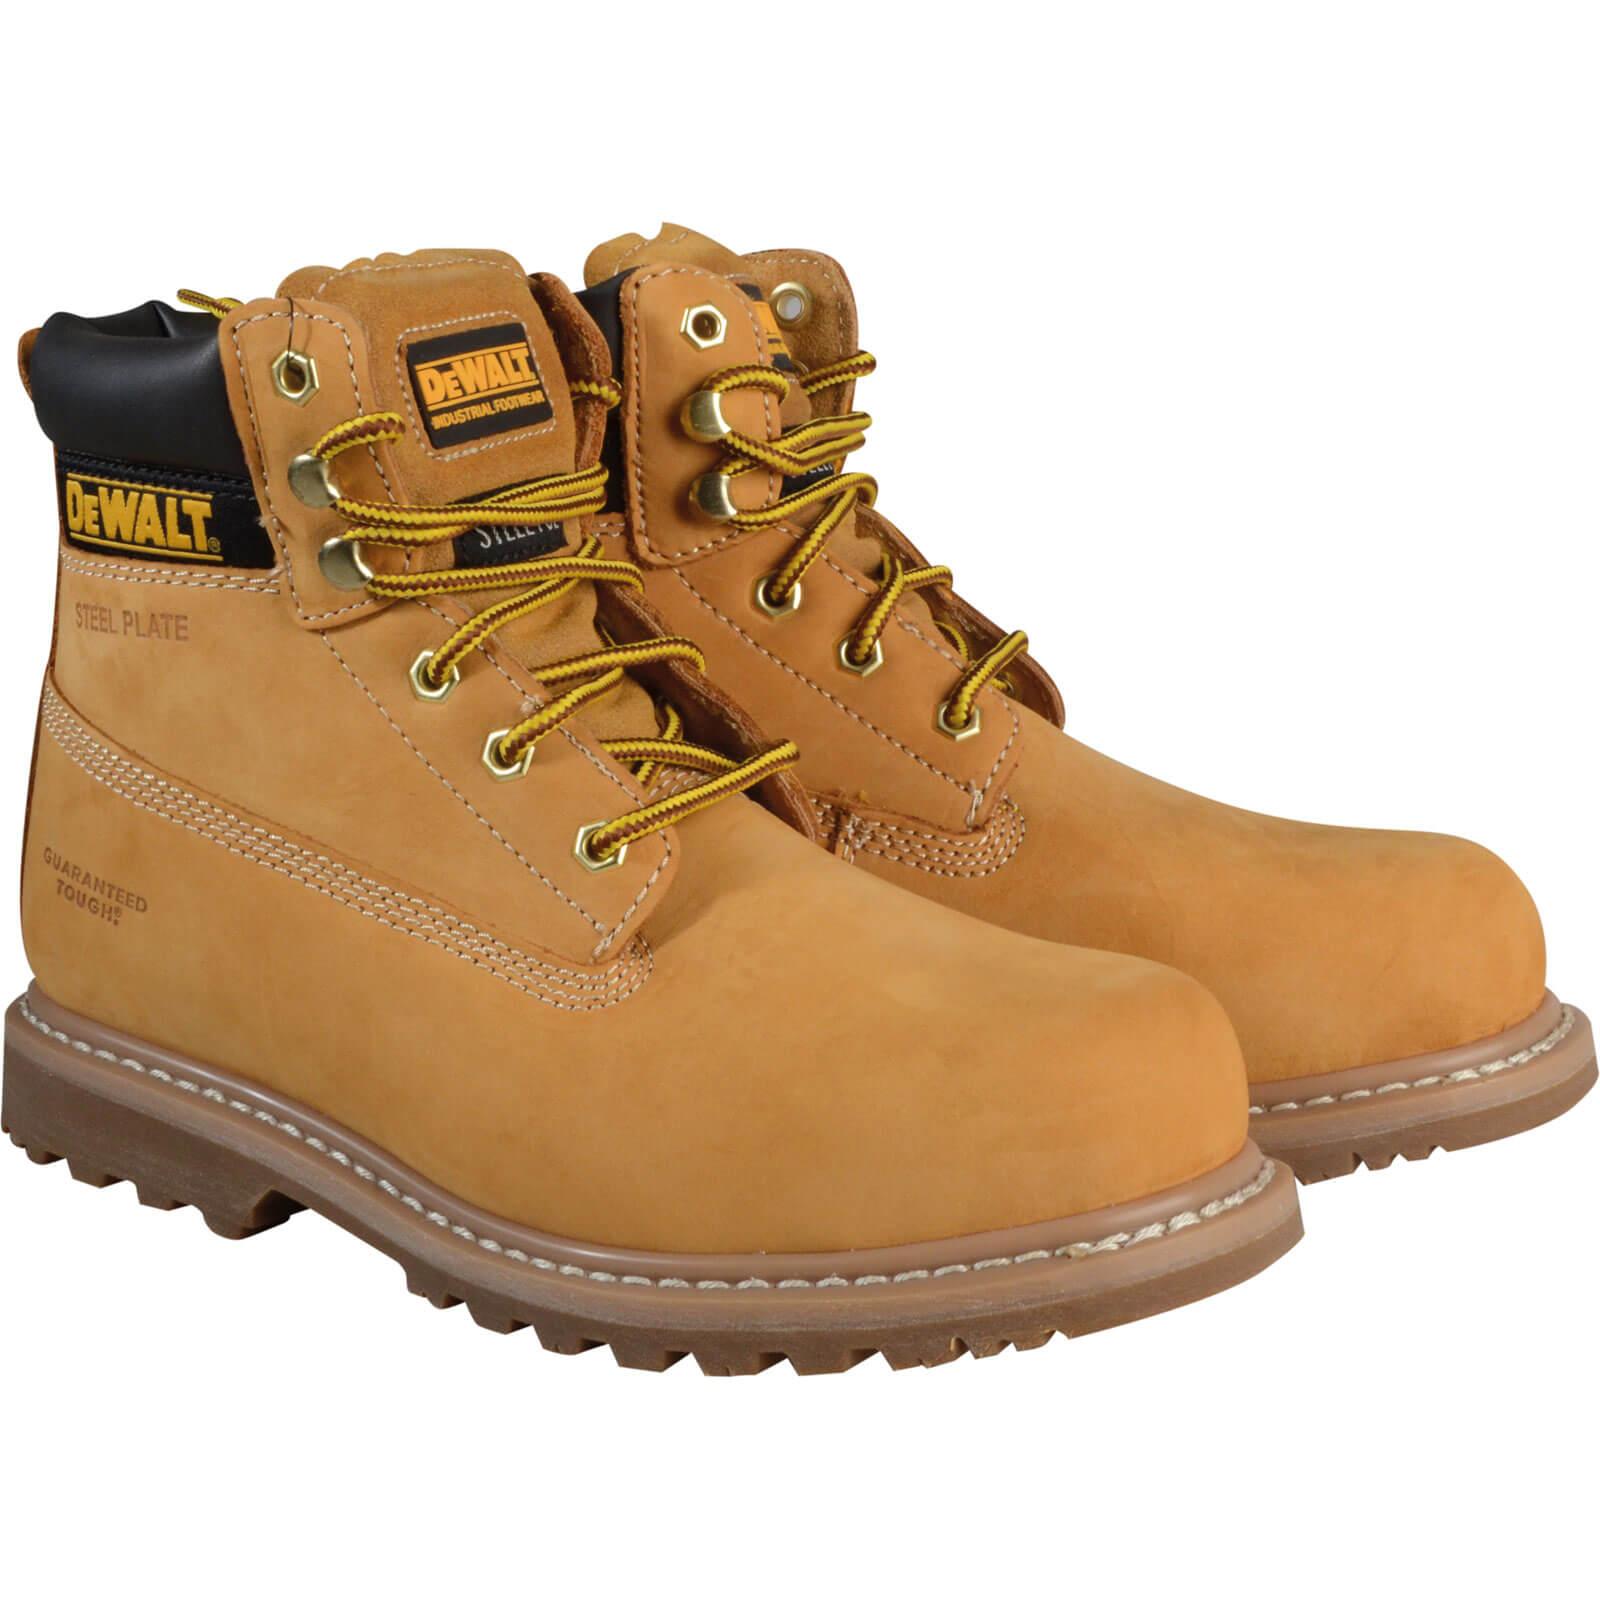 c96de5f37ba Workwear > Footwear > Work Boots